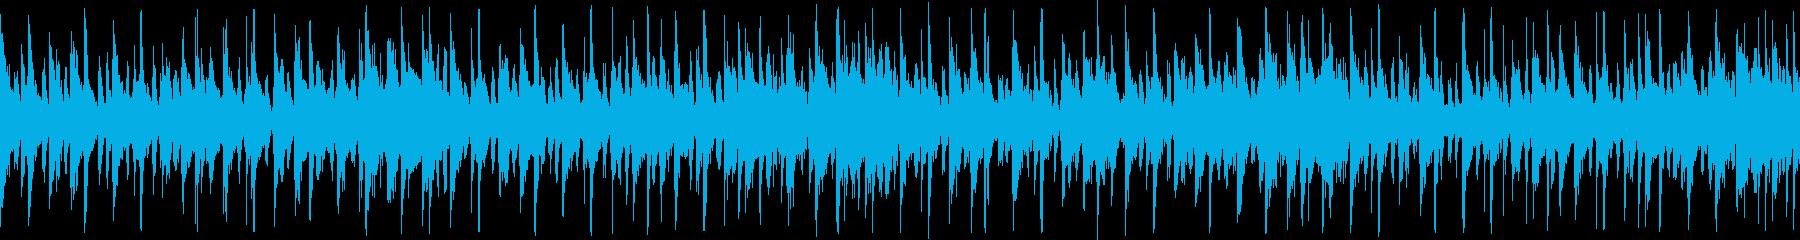 生演奏ギターでノリノリデジタルファンクの再生済みの波形